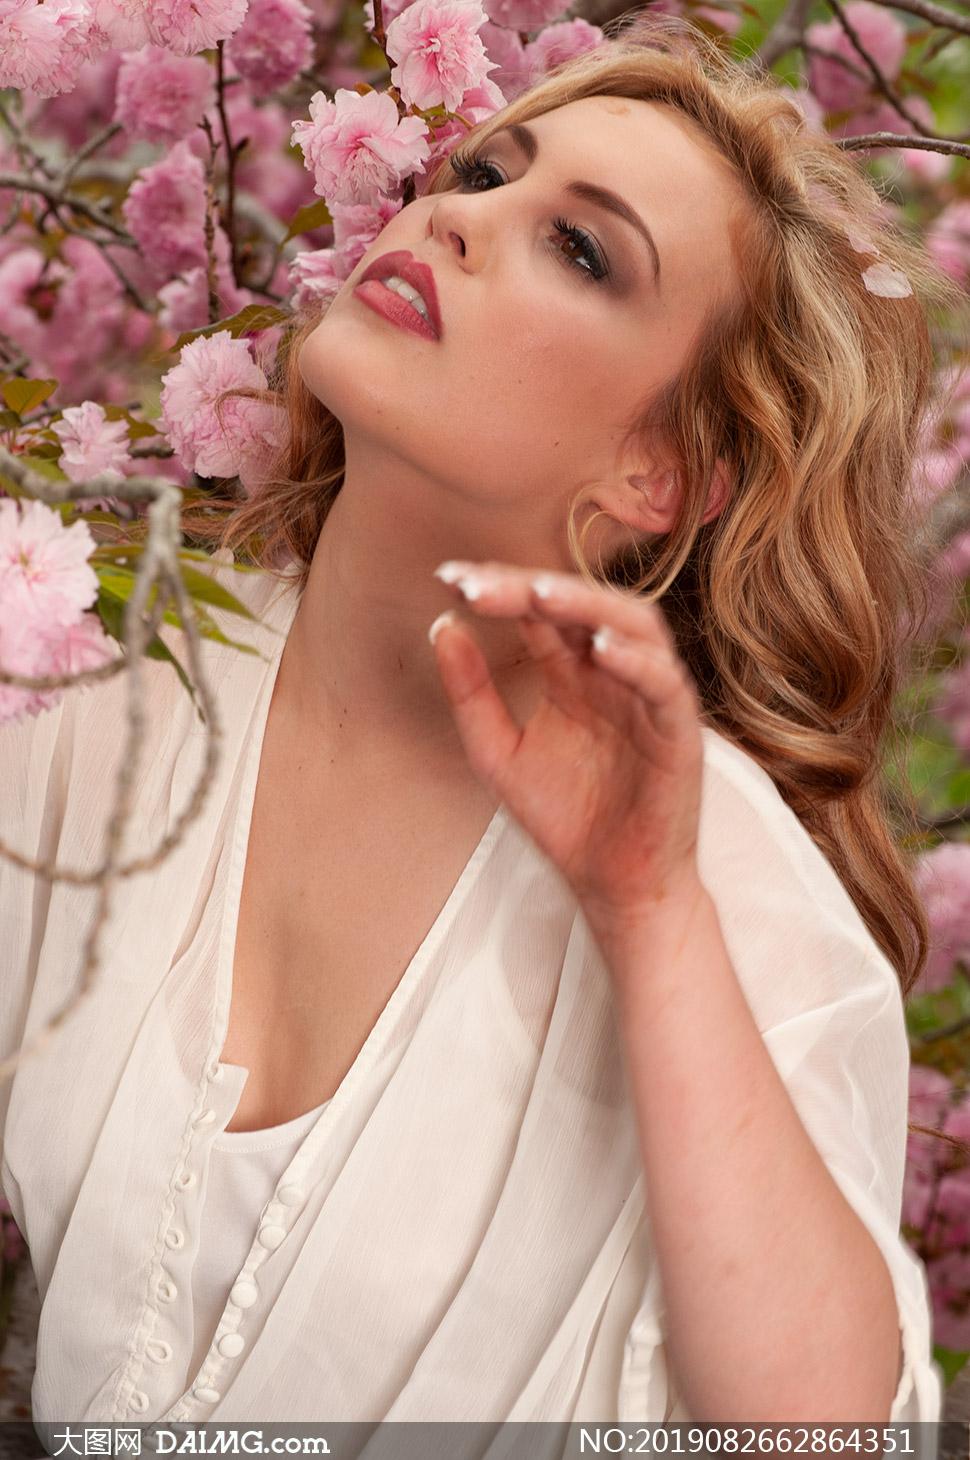 正在闻花香的卷发美女摄影高清图片